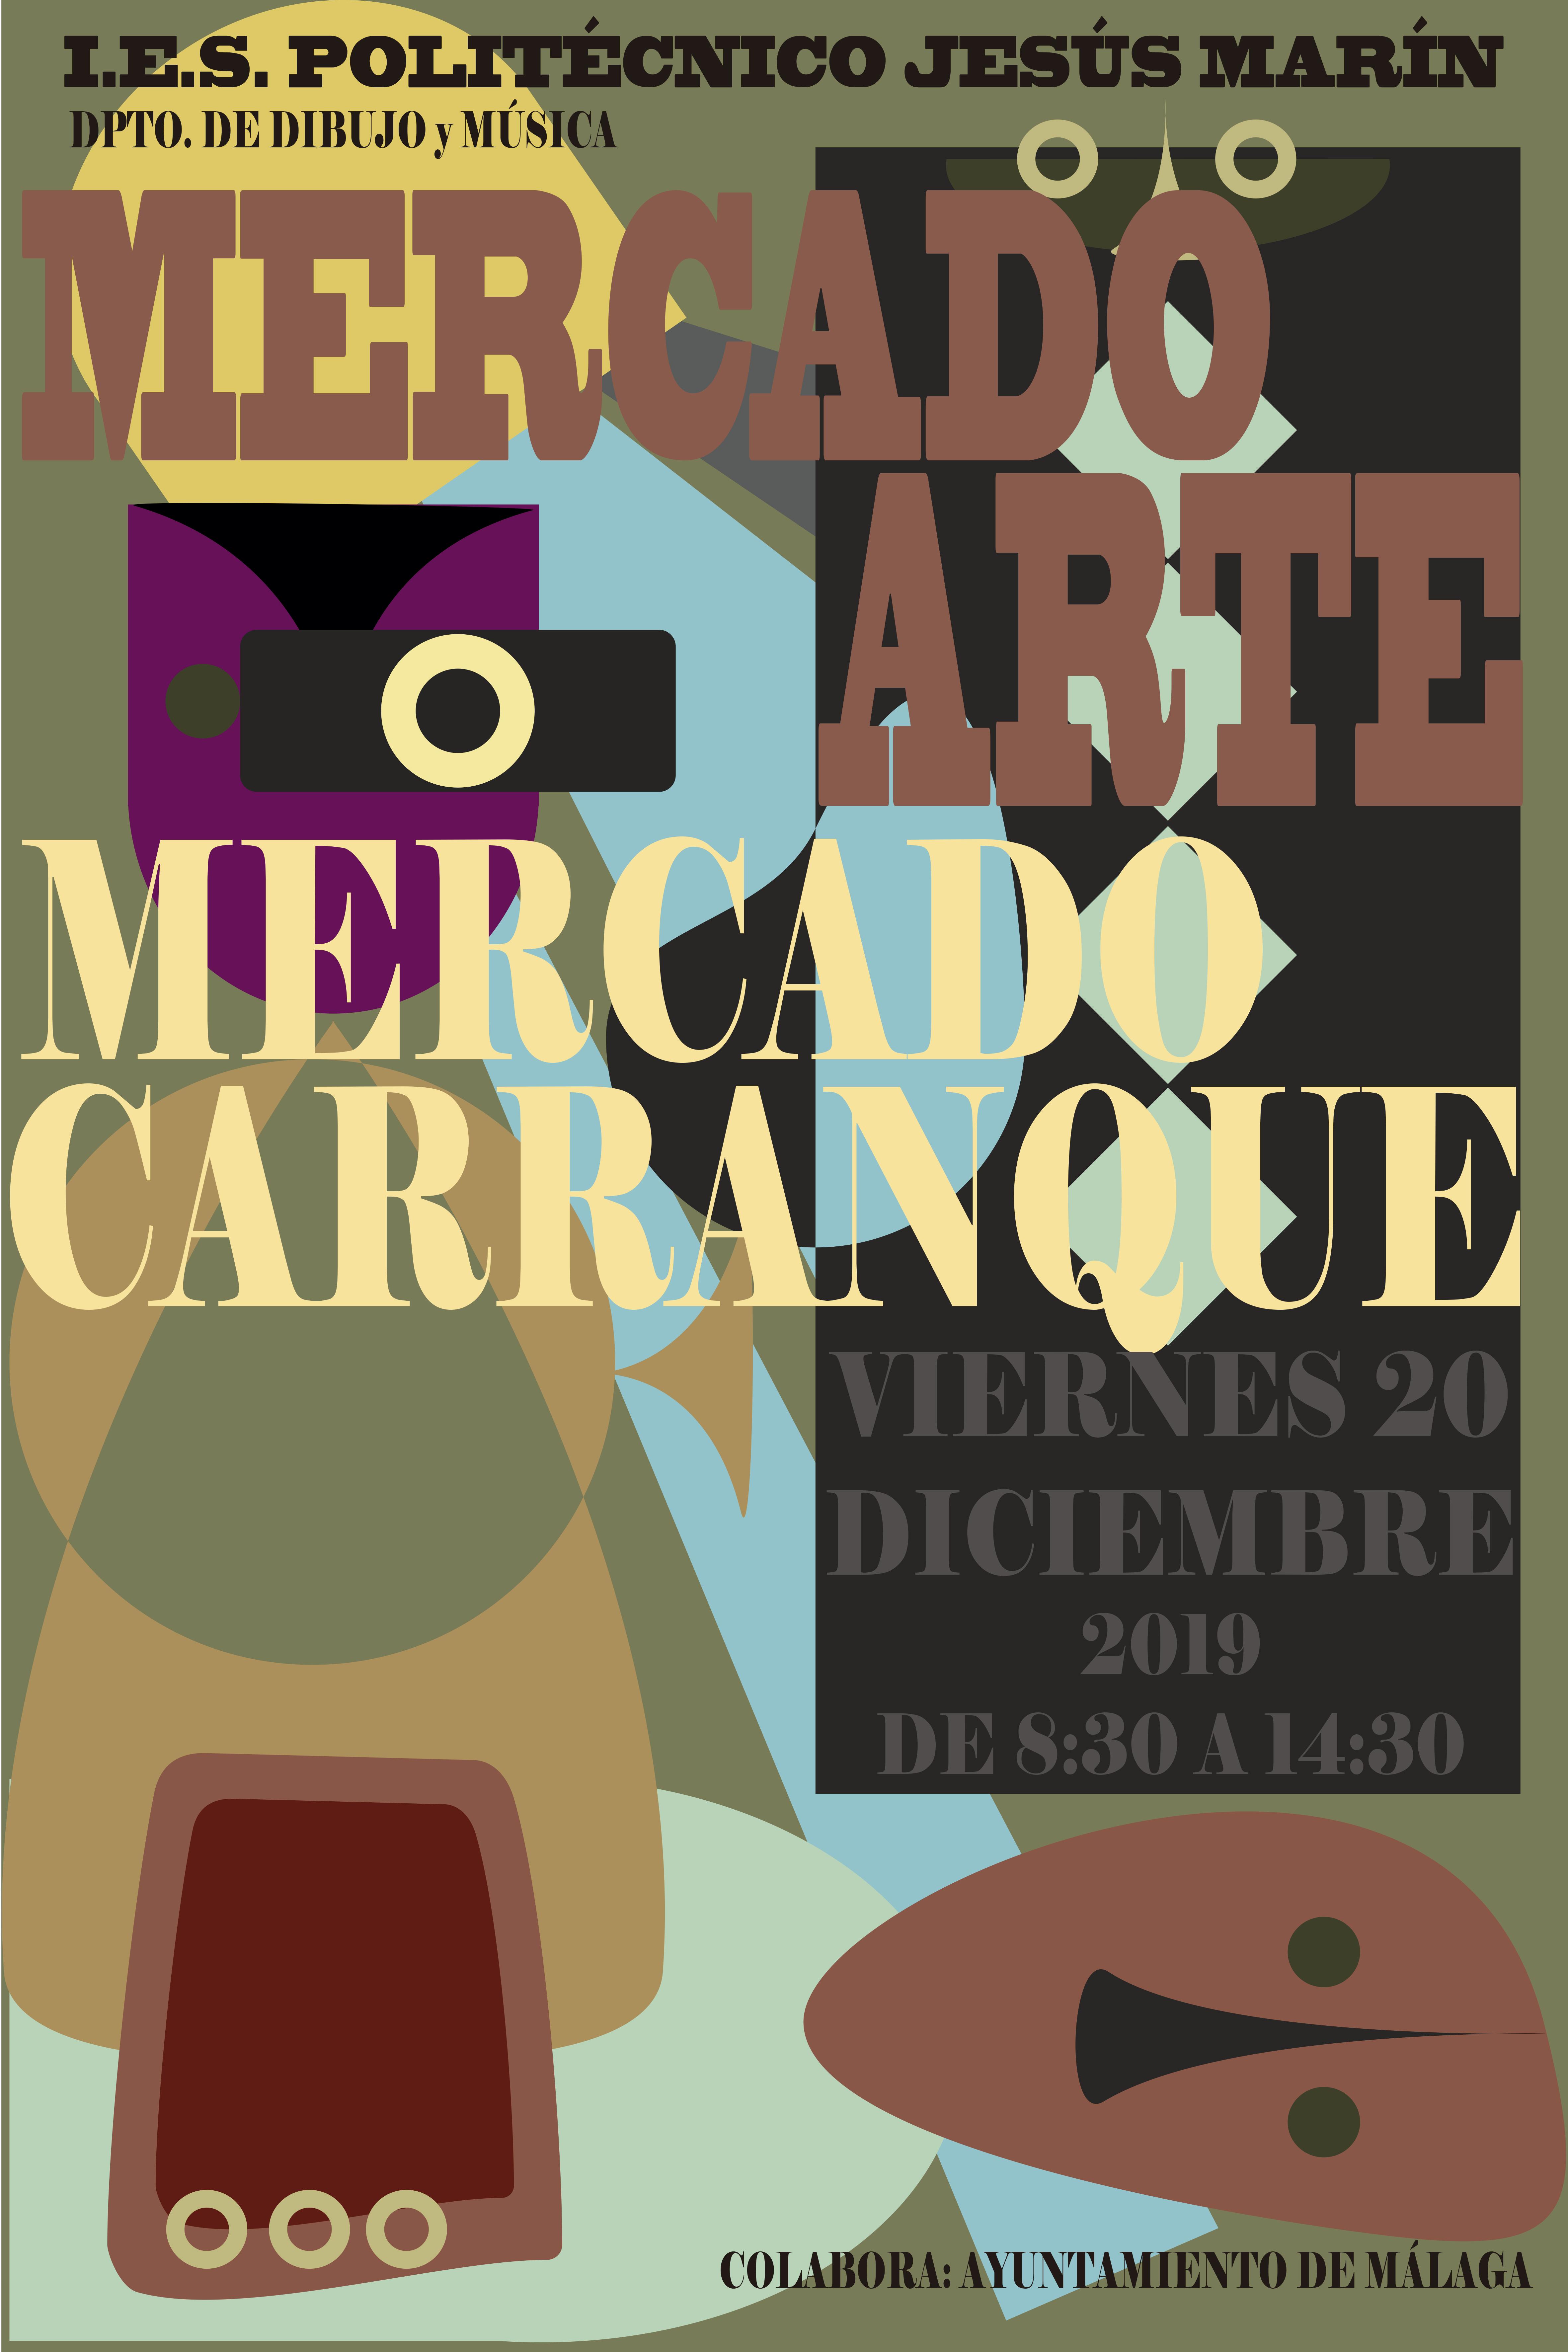 Imagen de la noticia: MERCADO ARTE EN EL MERCADO DE CARRANQUE. VIERNES 20 DE DICIEMBRE DE 8:30 A 14:30H.